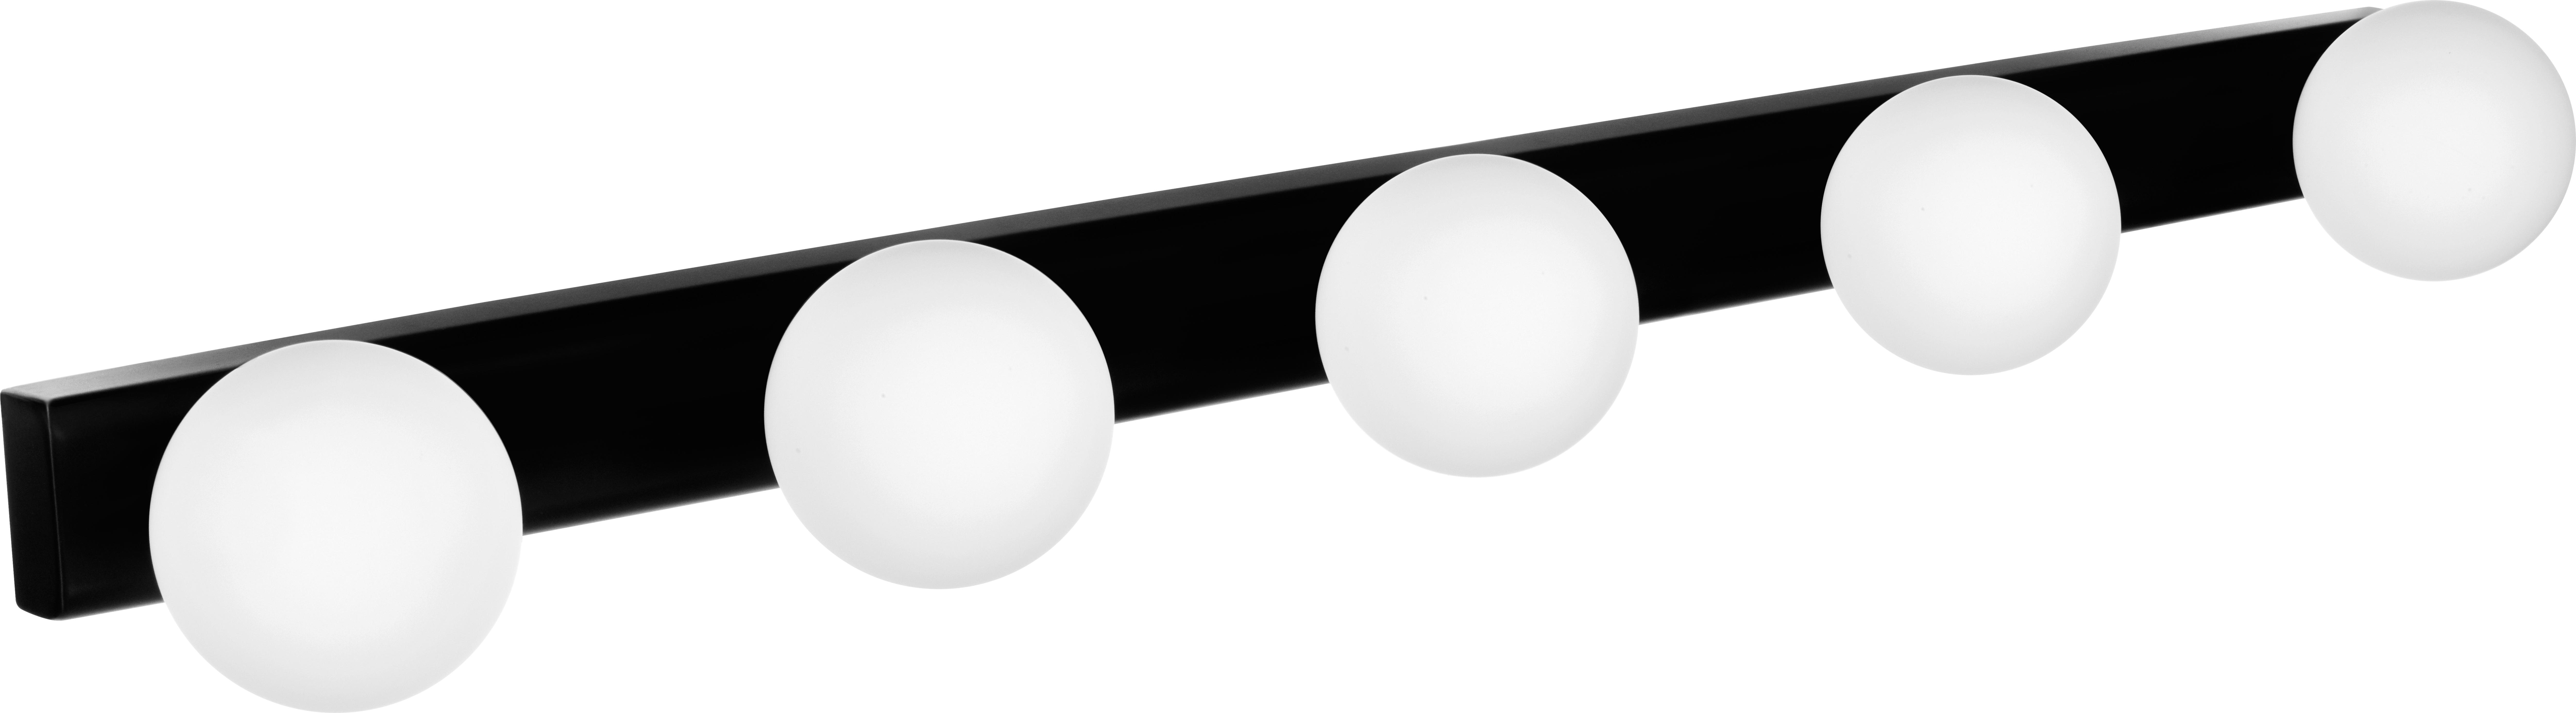 Kinkiet dekoracyjny LED Activejet AJE-BOLERO IP44